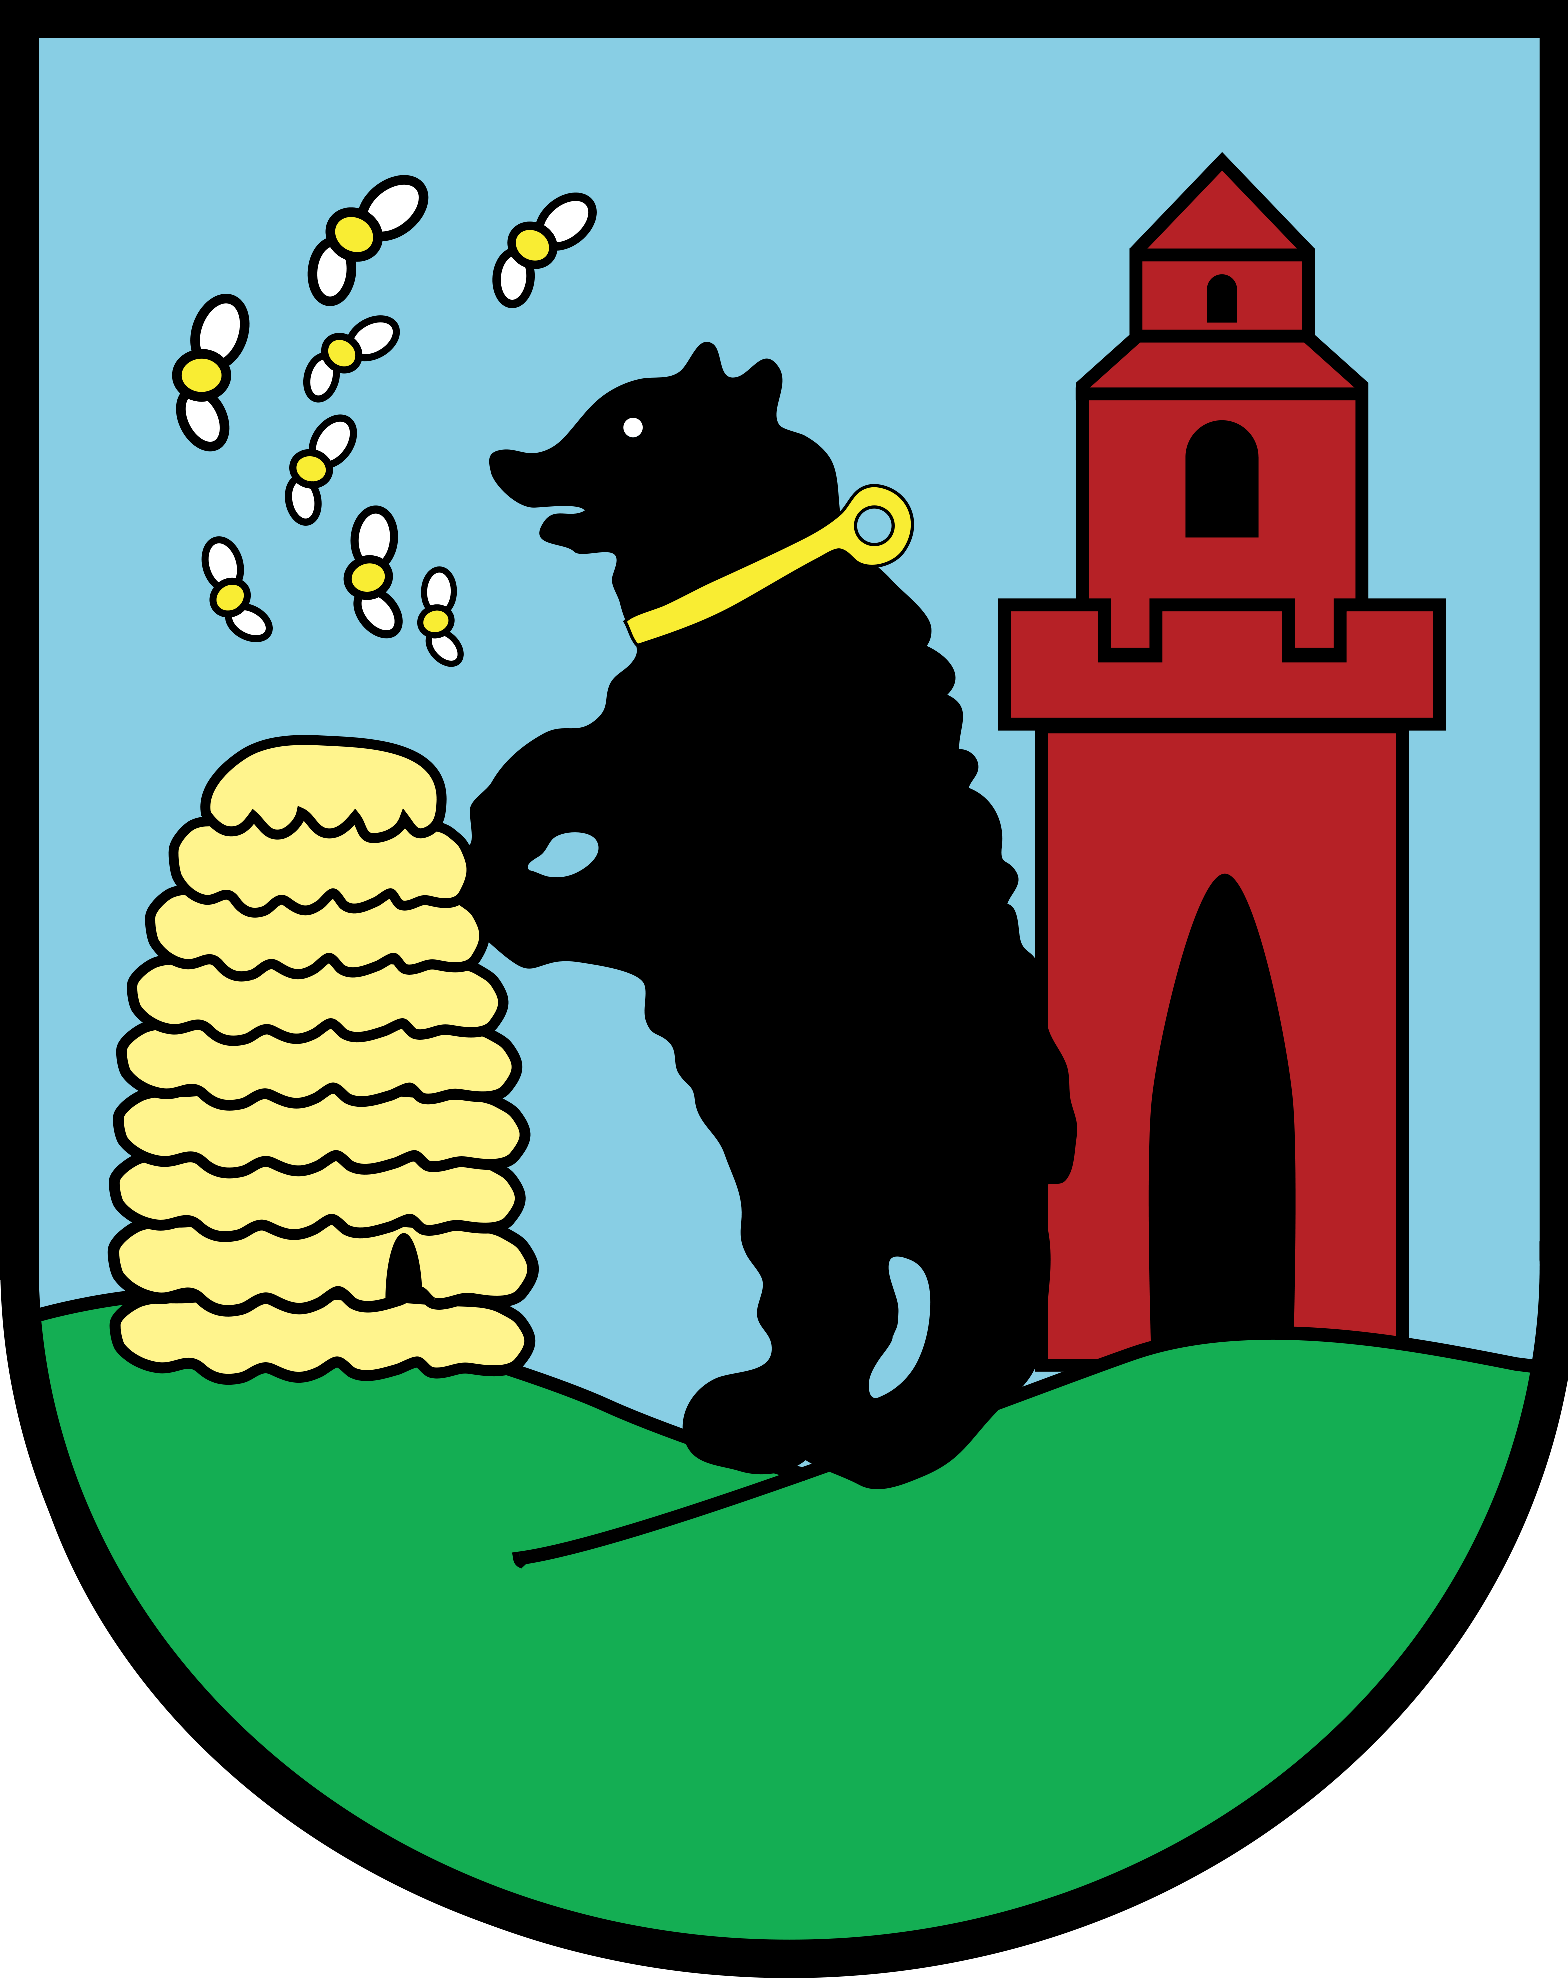 Herb gminy Bobrowice przedstawia w srebrnym polu tarczy herbowej, na zielonym wzgórzu znajduje się postać czarnego wspiętego niedźwiedzia. Po prawej stronie znajduje się złoty ul, po stronie lewej – czerwona wieża miejska z otwartą bramą